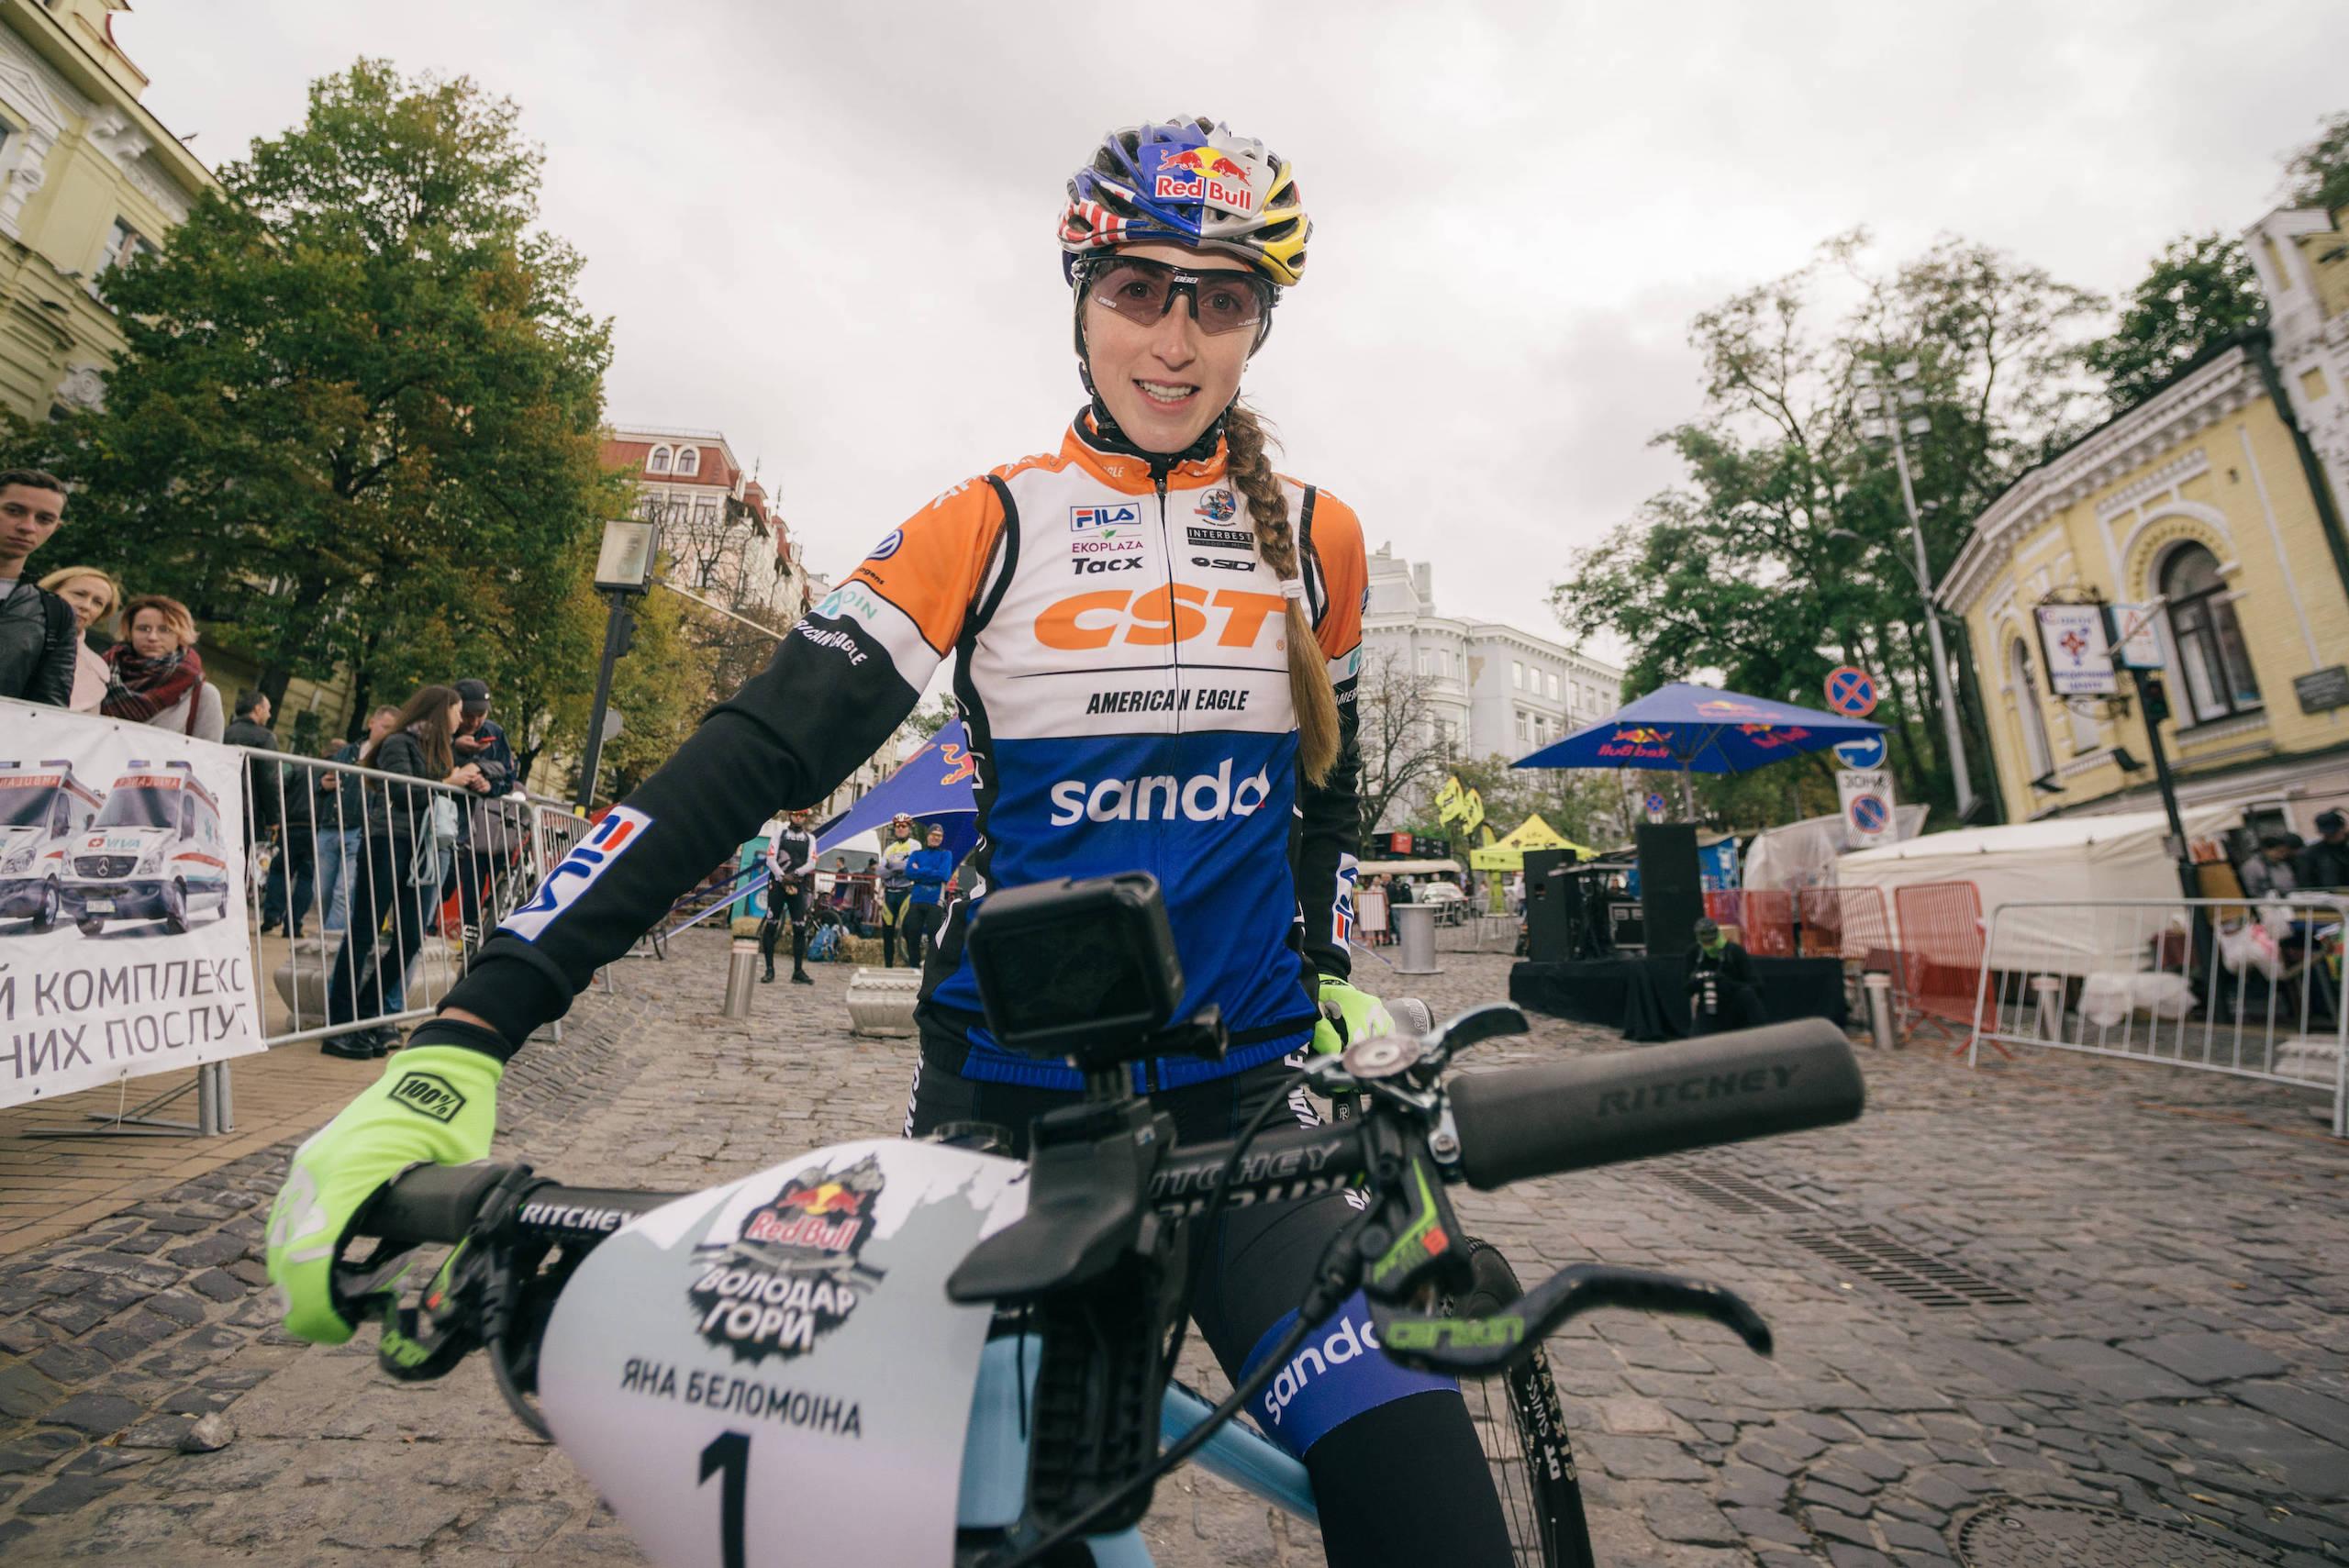 Соревнования откроет известная украинская велогонщица Яна Беломоина